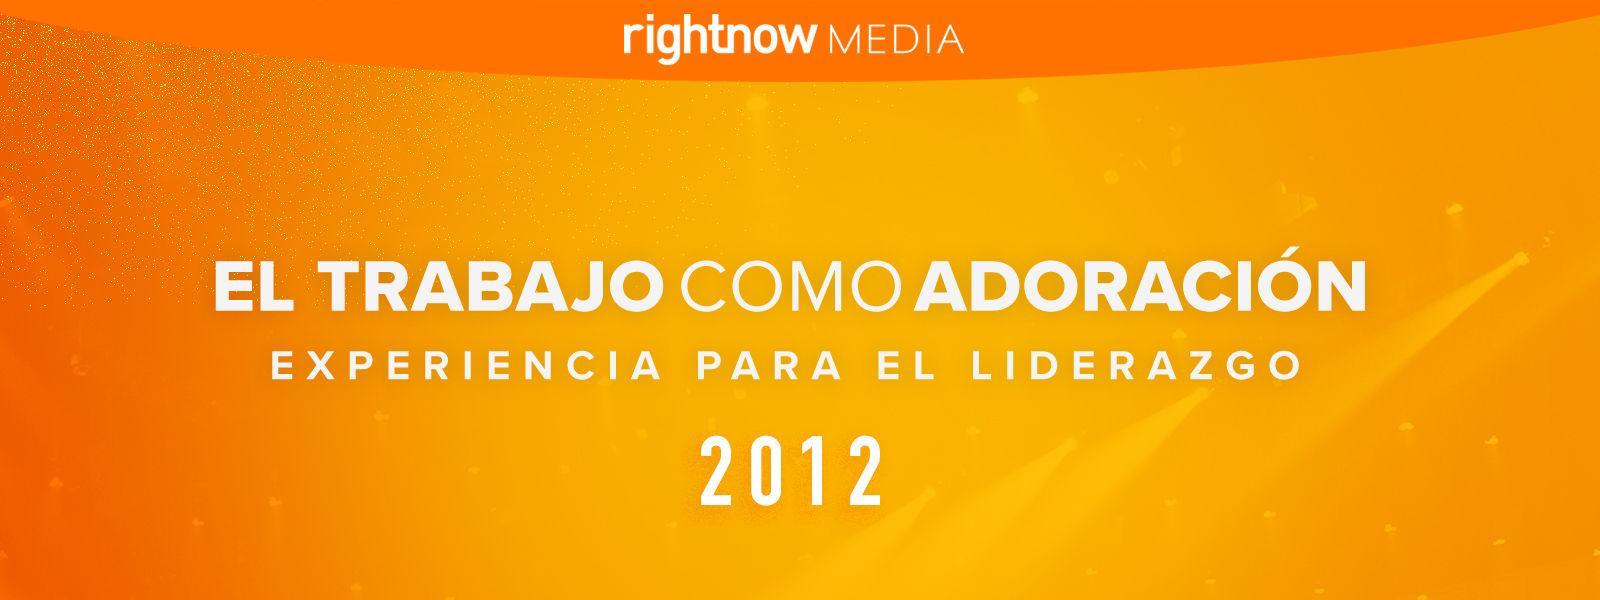 El trabajo como adoración, Experiencia para el liderazgo 2012